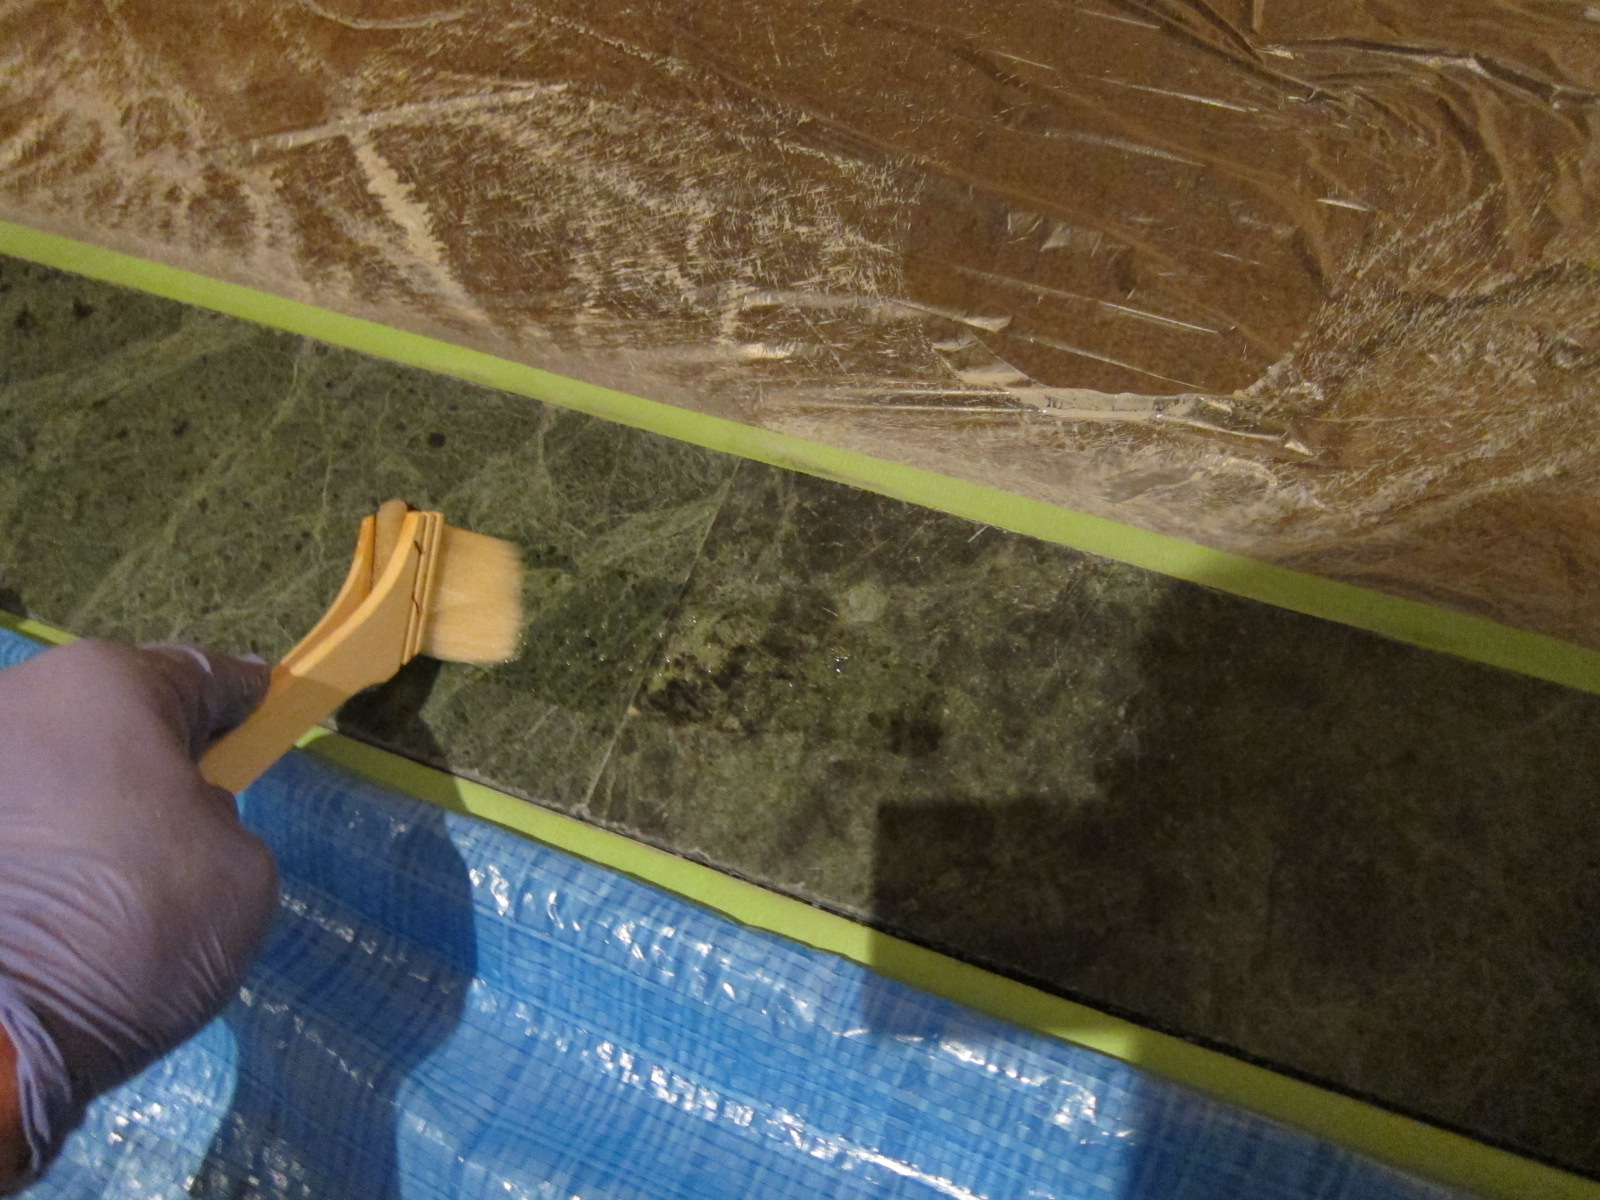 中華レストランの蛇紋岩に付着した油等の汚れ除去施工のサムネイル